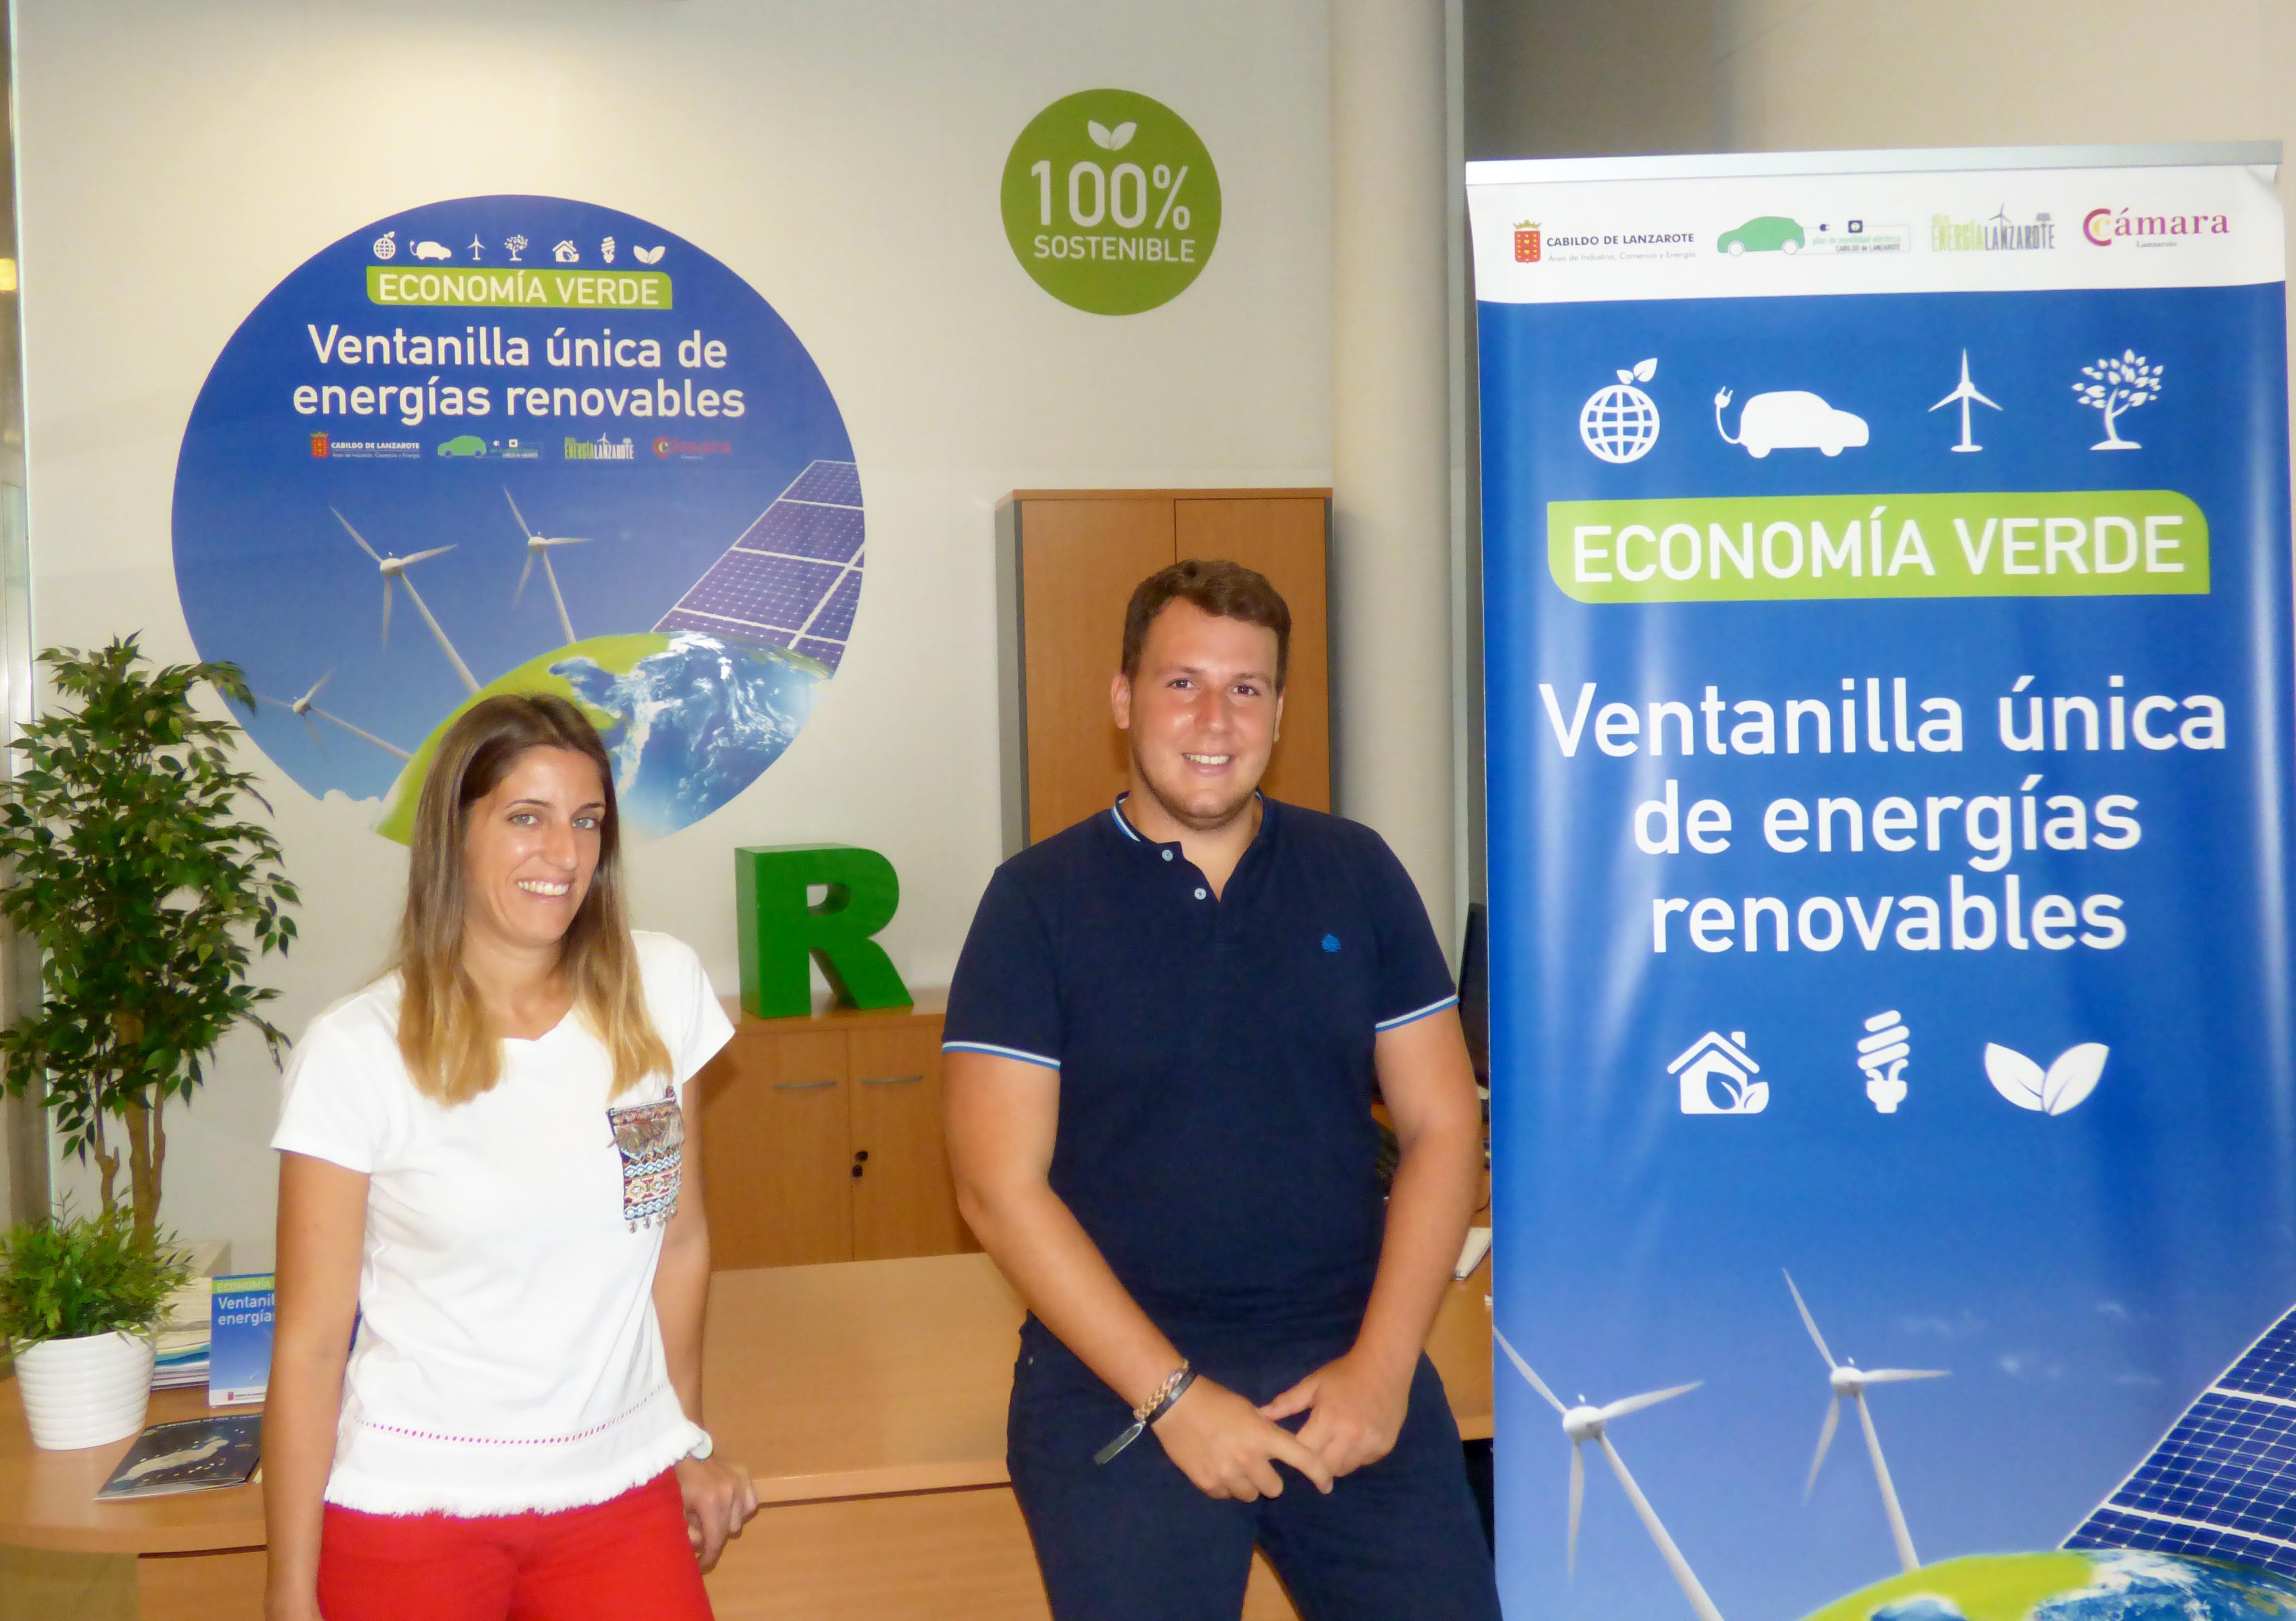 Convocadas subvenciones para eficiencia energética y energías renovables en empresas y viviendas